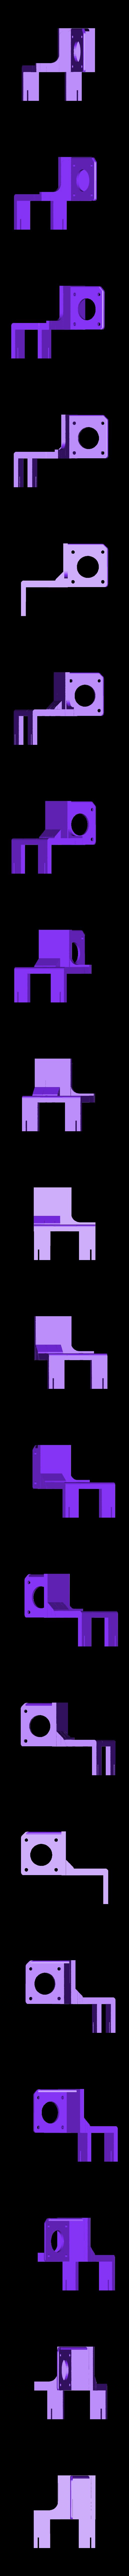 Modificado_MGN12H_Adapter.stl Télécharger fichier STL gratuit Ender 3 Extrusion directe avec BMG et guide linéaire • Objet imprimable en 3D, nitoguz